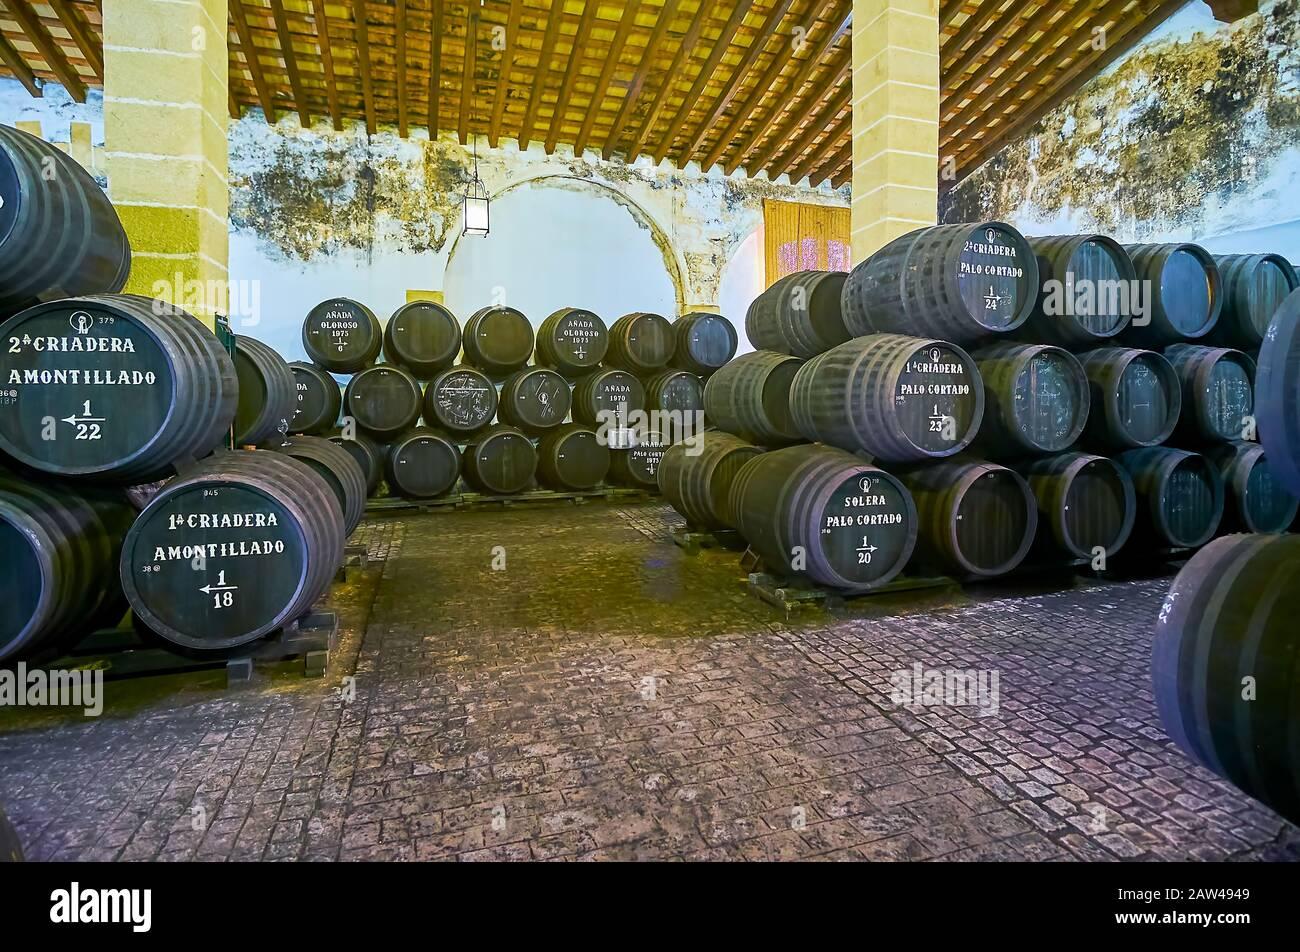 Jerez, SPAGNA - 20 SETTEMBRE 2019: Visita la cantina Bodegas Tradicion ed esplora l'invecchiamento e lo stoccaggio del vino Sherry in botti di rovere vintage, il 20 settembre Foto Stock